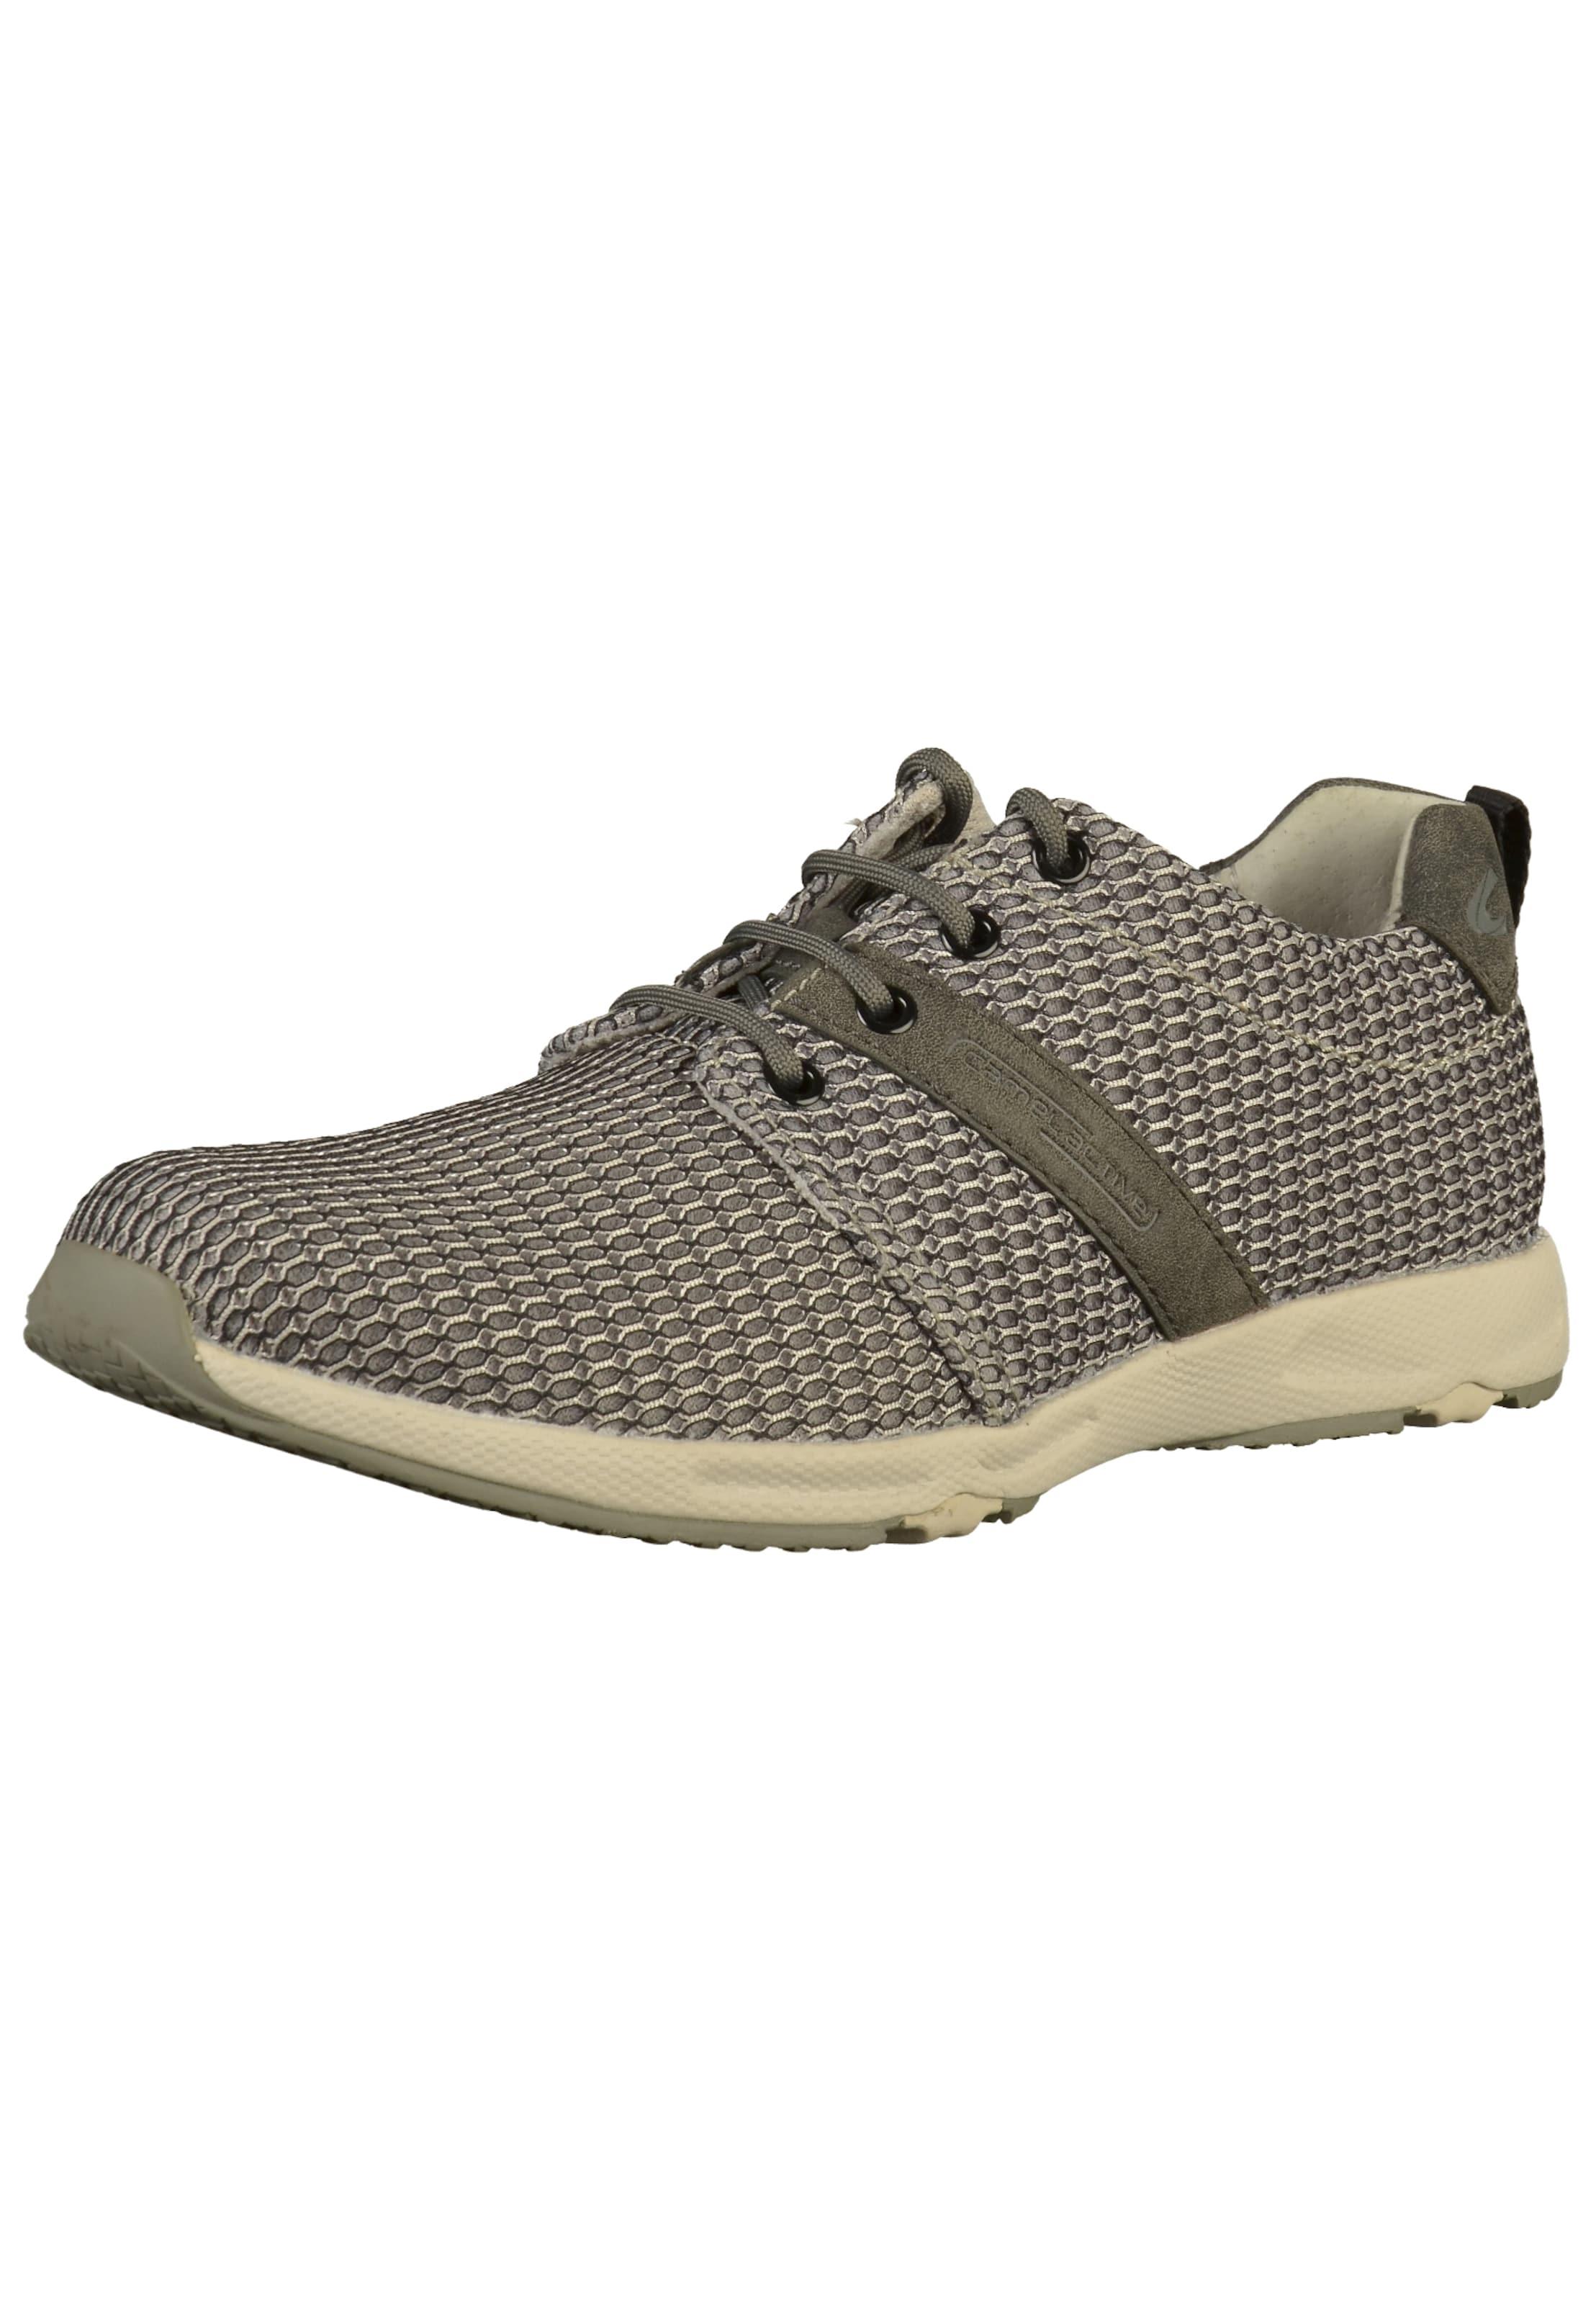 CAMEL ACTIVE Sneaker Verschleißfeste billige Schuhe